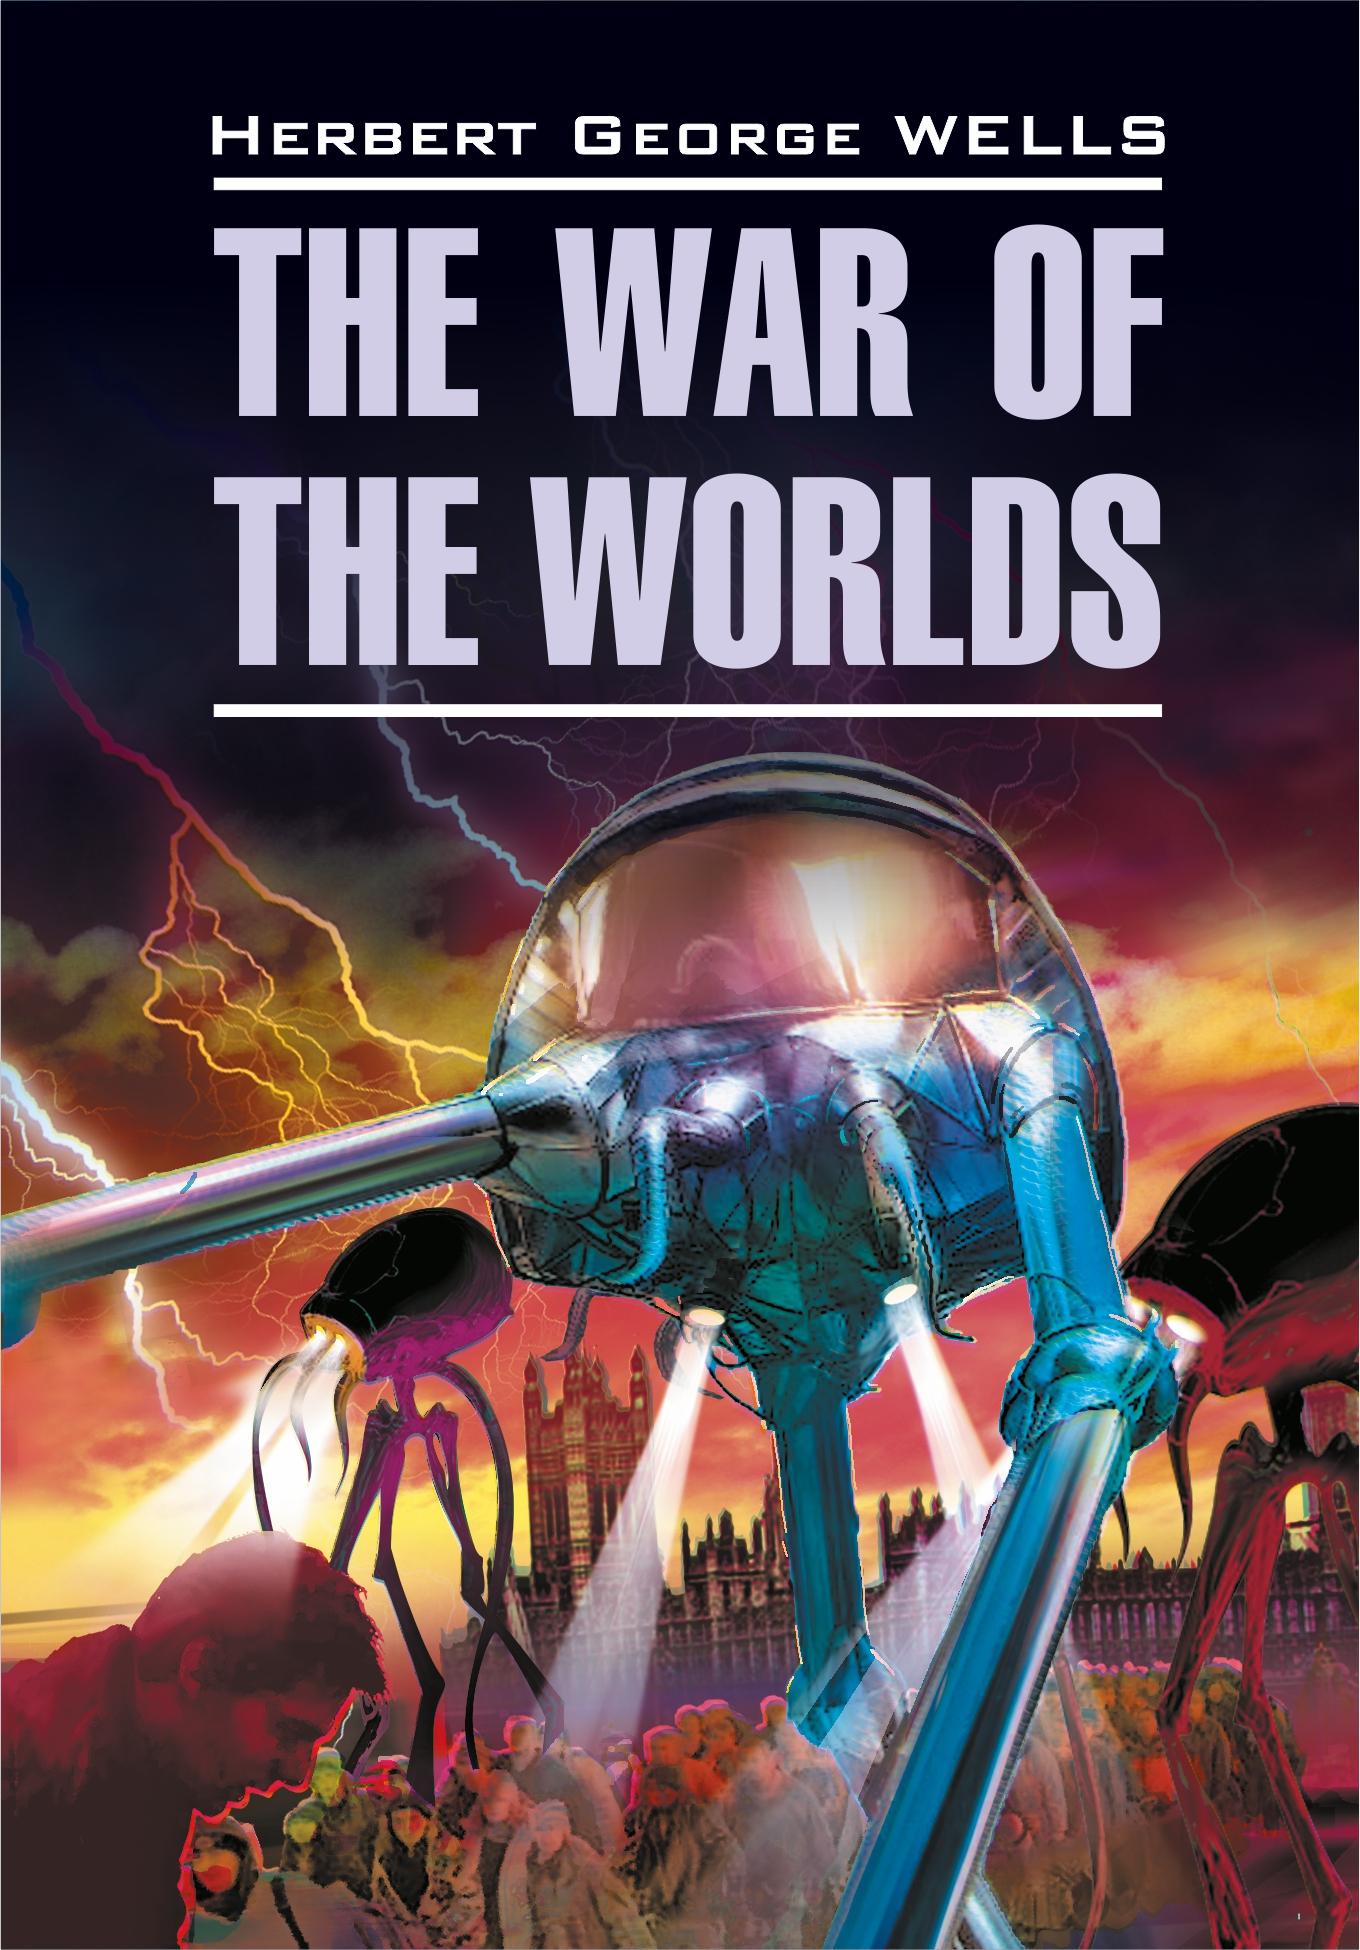 Герберт Джордж Уэллс The War of the Worlds / Война миров. Книга для чтения на английском языке герберт джордж уэллс остров доктора моро книга для чтения на английском языке